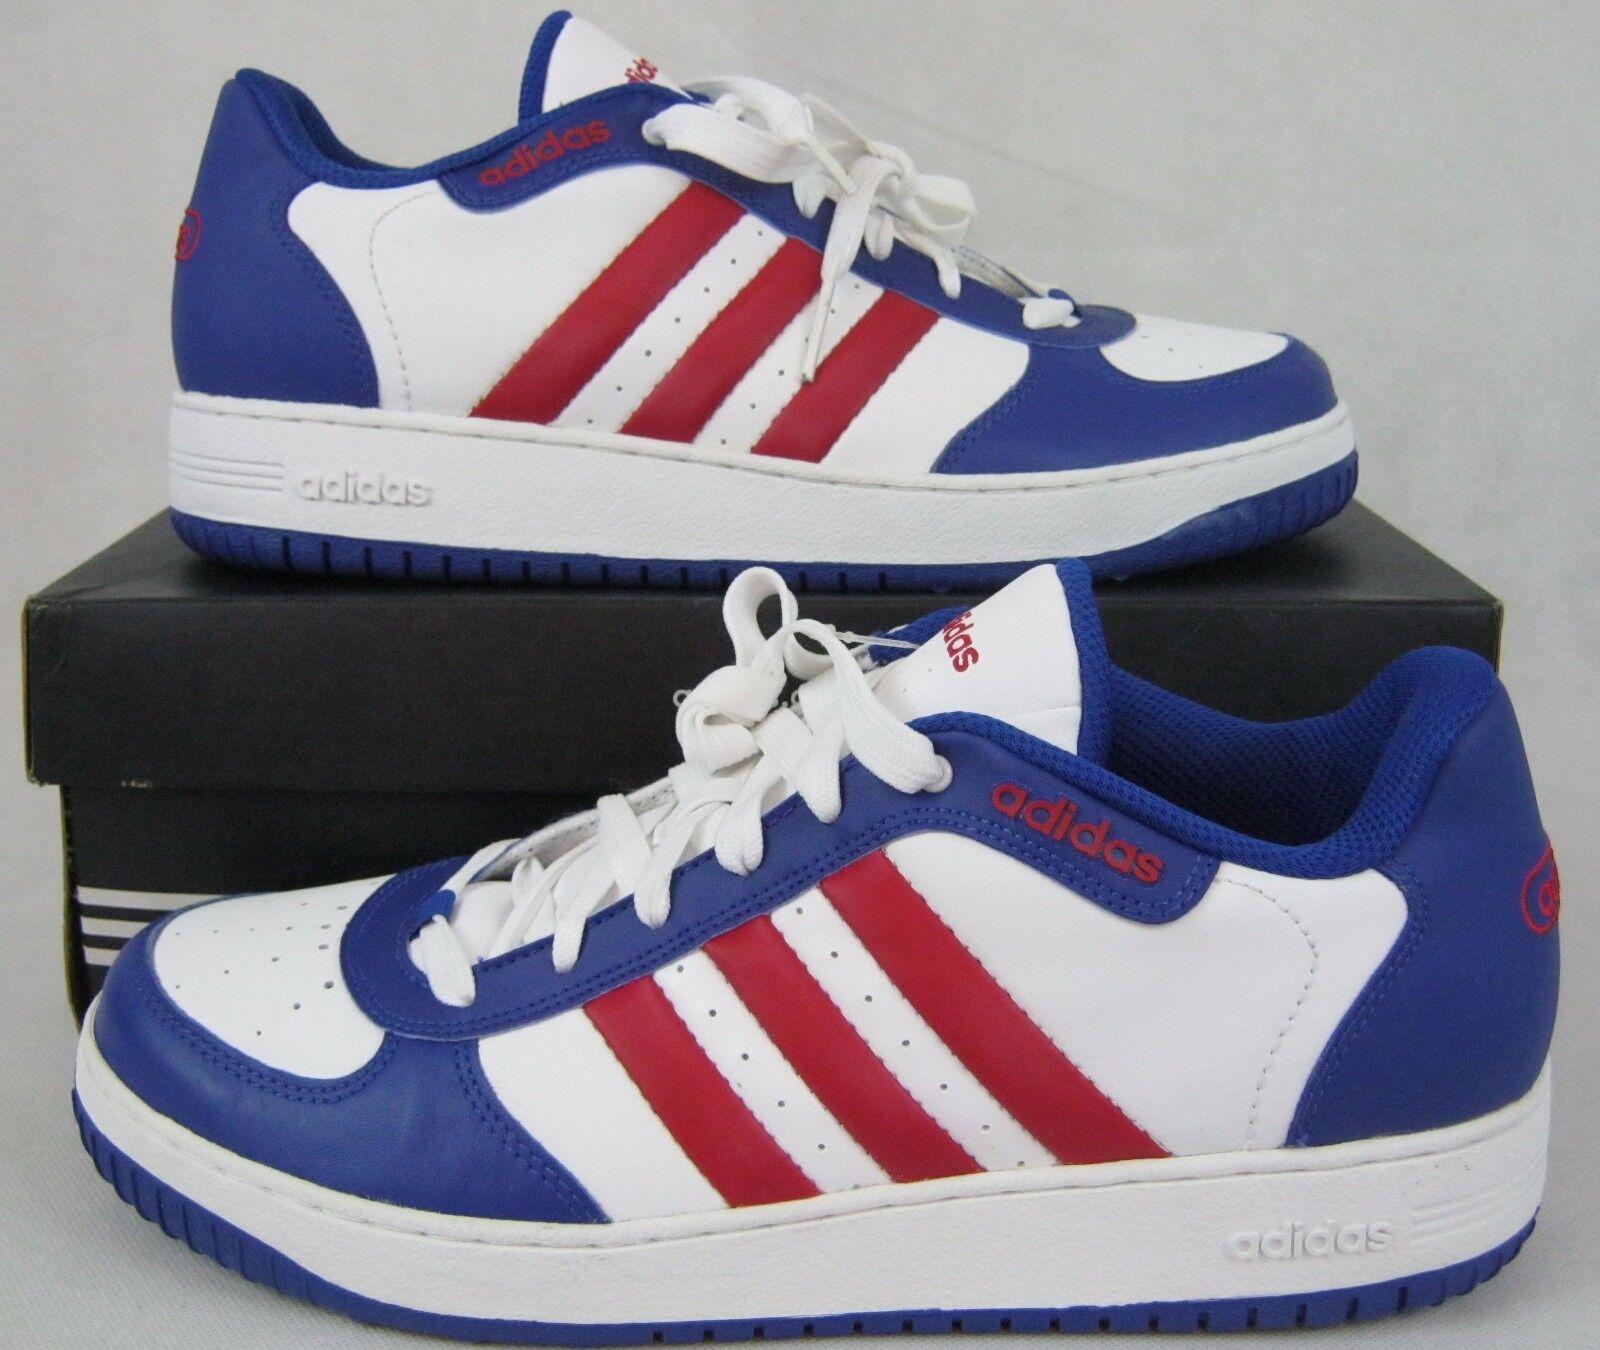 für männer ist adidas sneakers die btb niedrige sportliche sneakers adidas größe 11 & 11,5 080aff